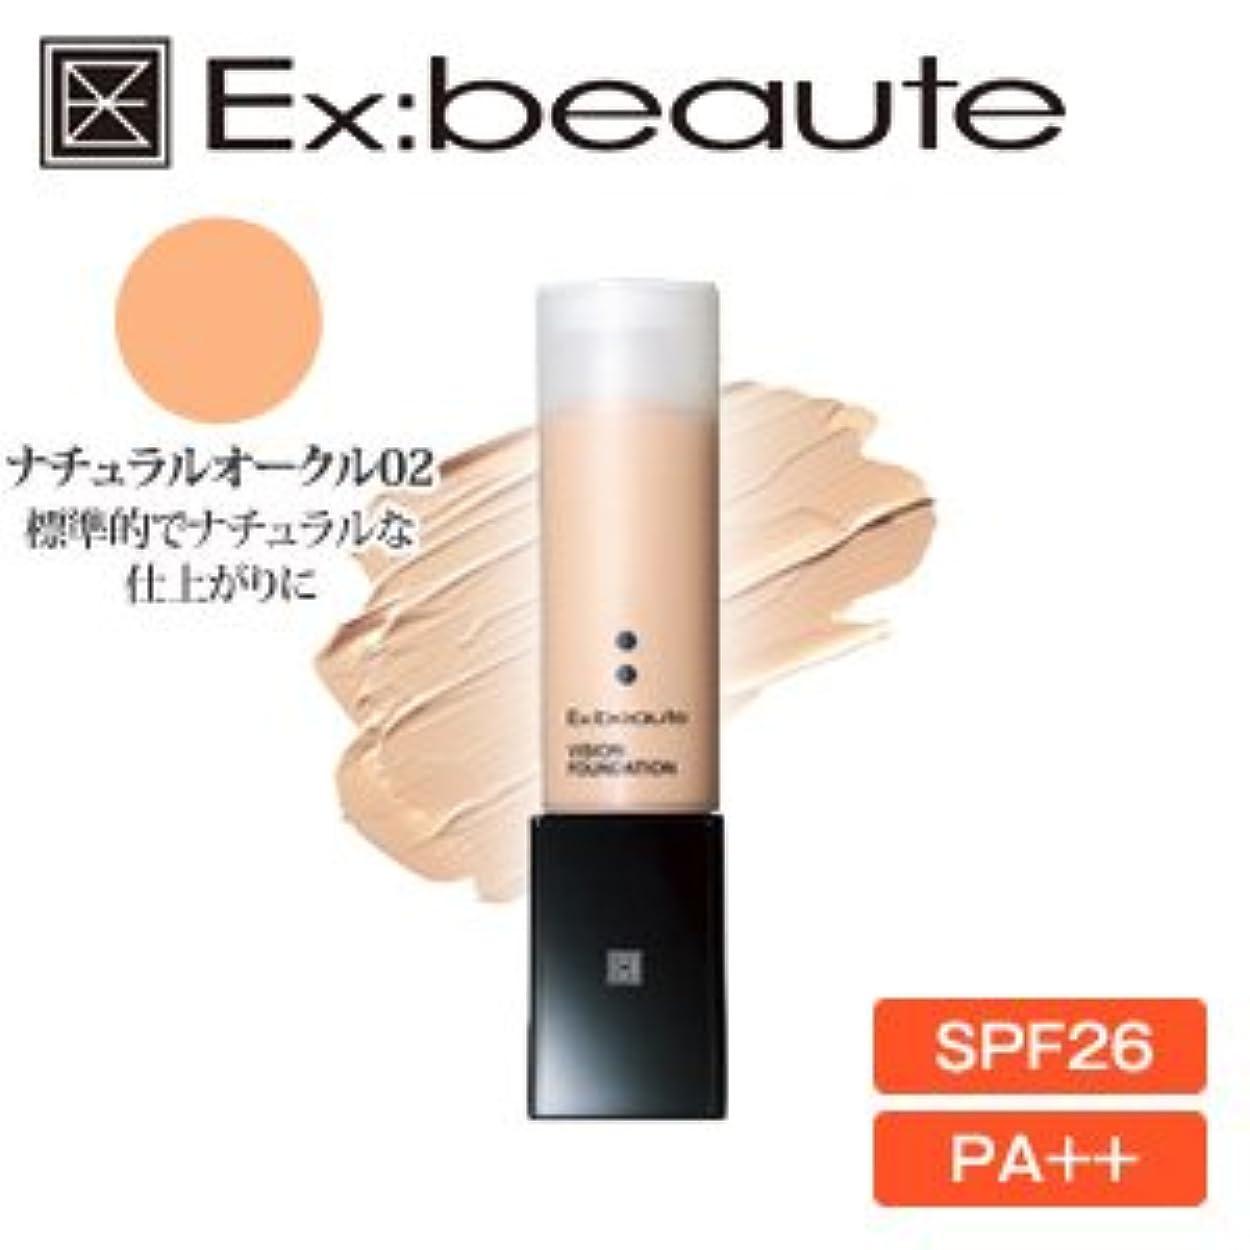 実験をするメイン常識Ex:beaute (エクスボーテ) ビジョンファンデーション リキッドマットタイプ ナチュラルオークル02